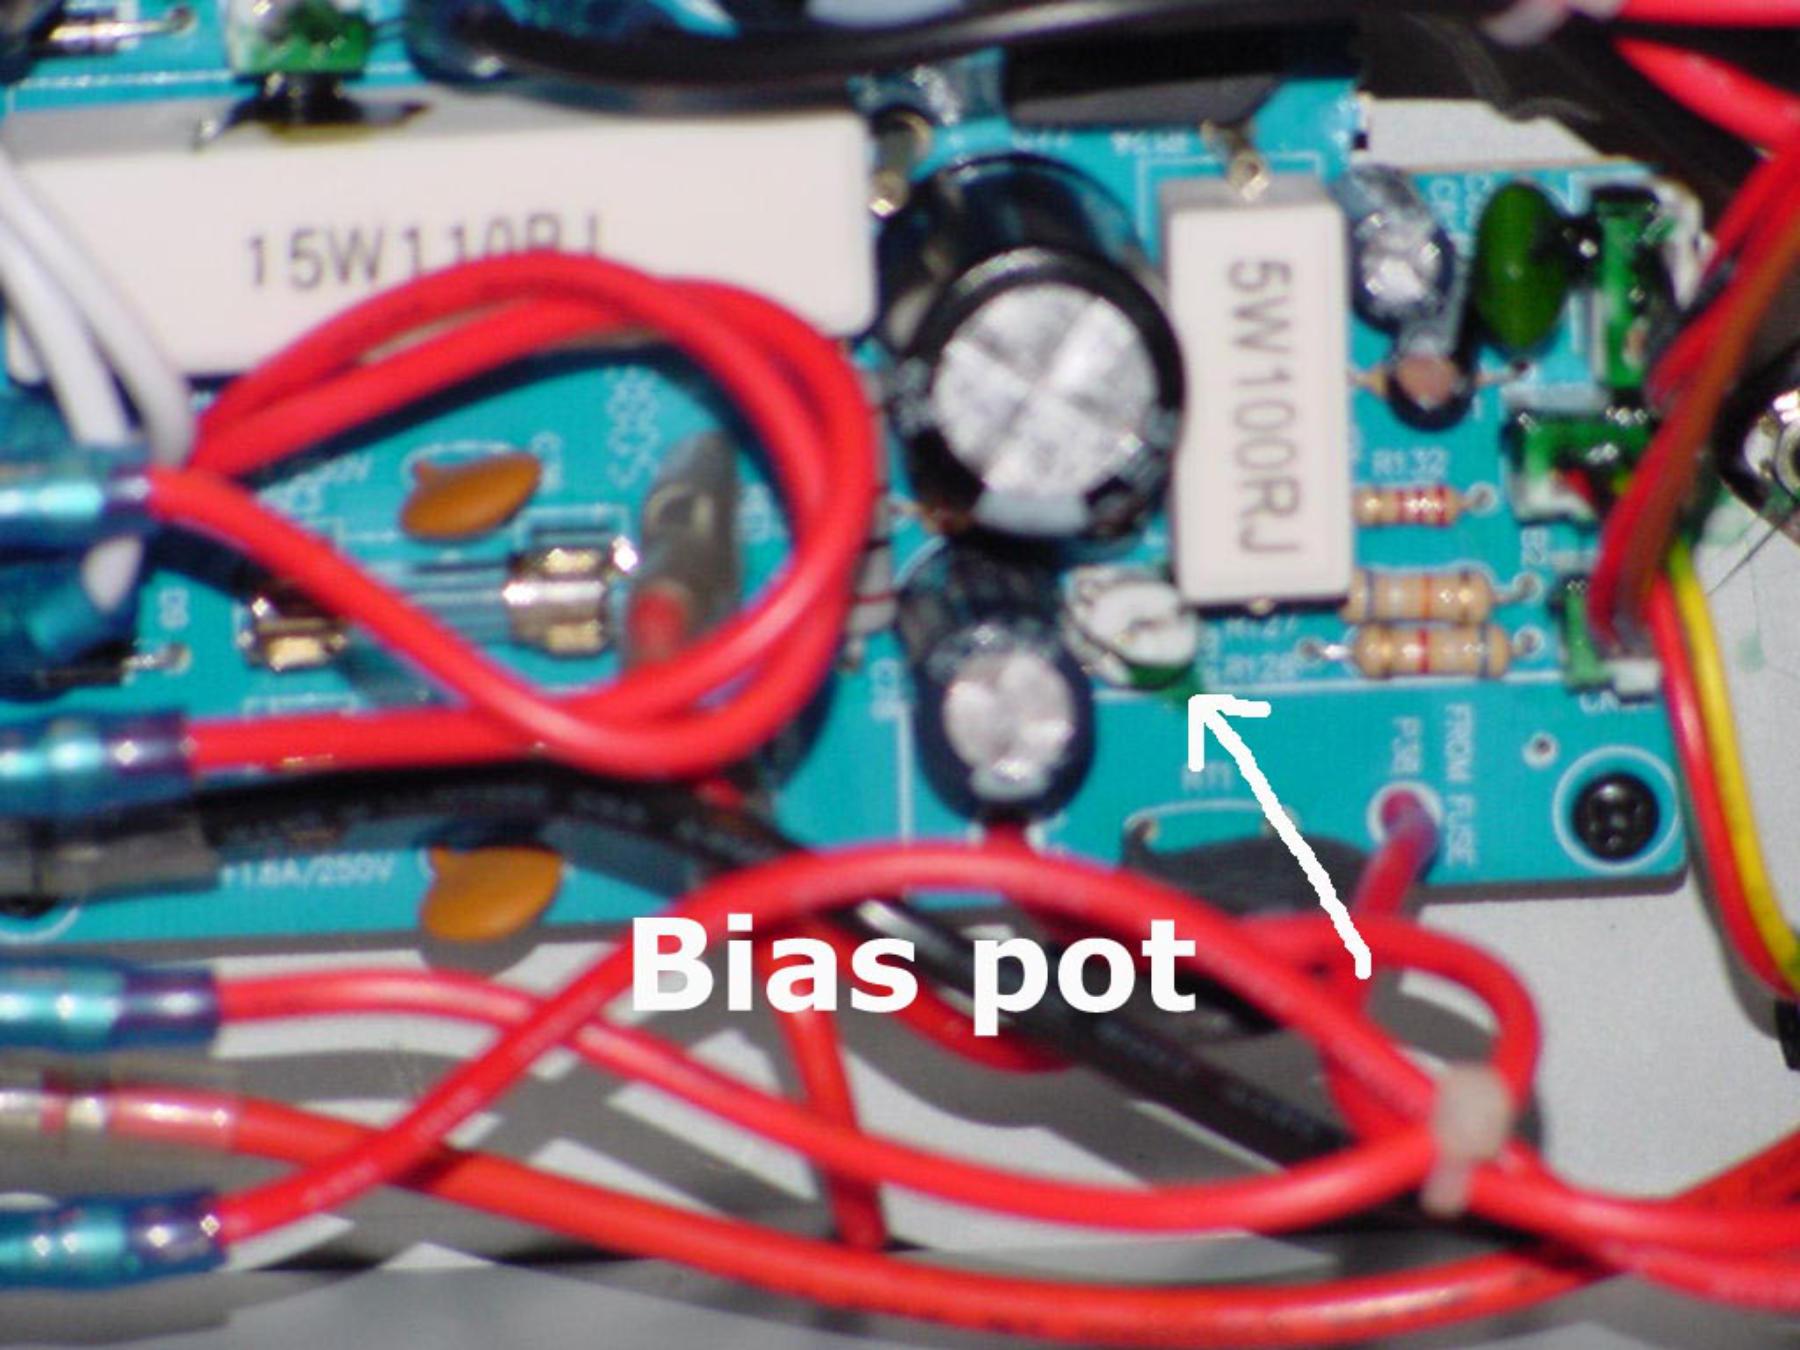 Bias Pot Wiring - Trusted Wiring Diagrams